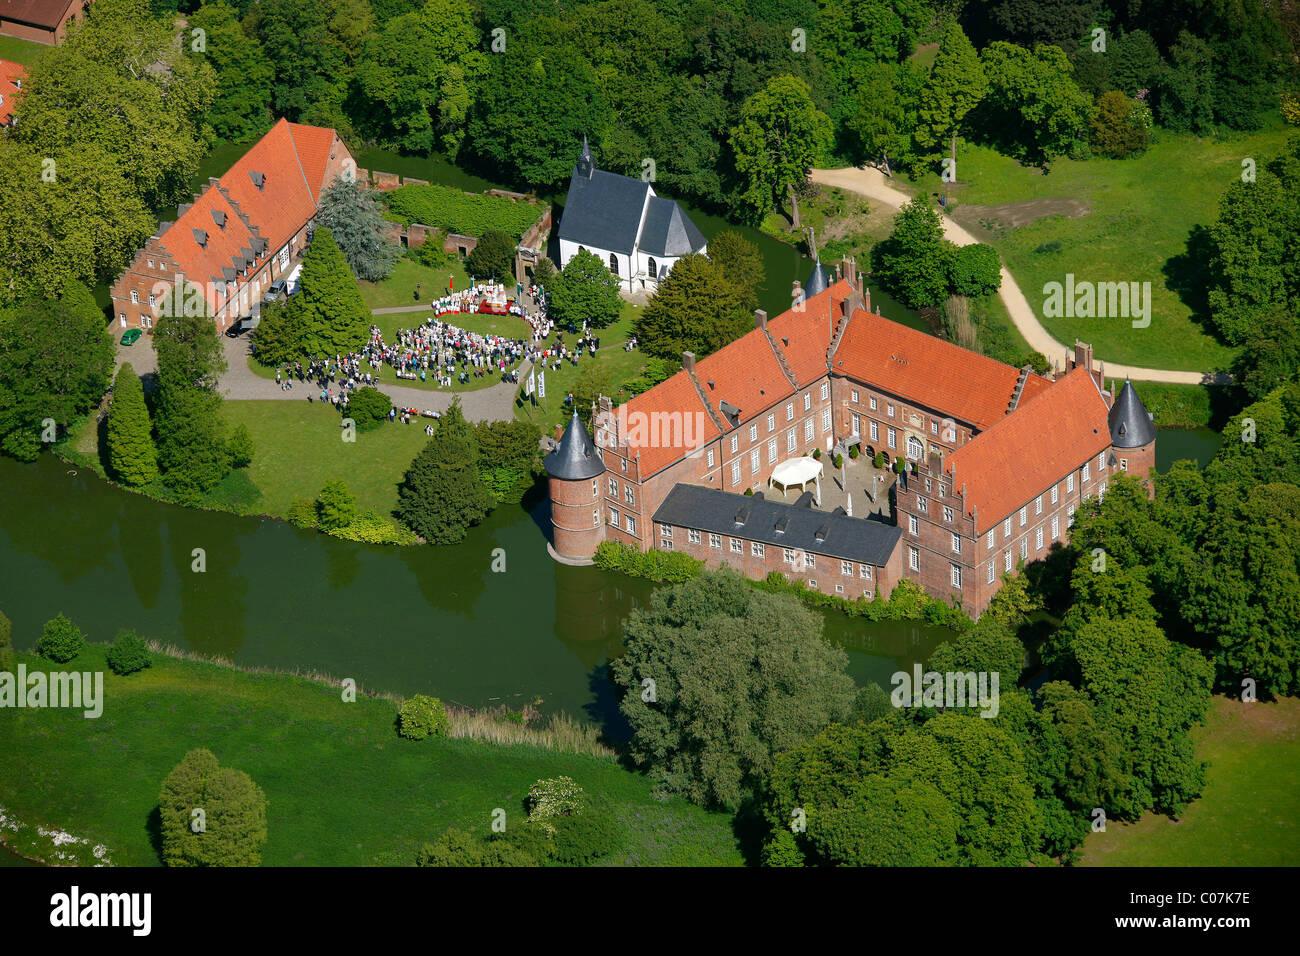 Fotografía aérea, al aire libre, servicio en la iglesia, con ocasión de la Fiesta de Corpus Christi, Imagen De Stock